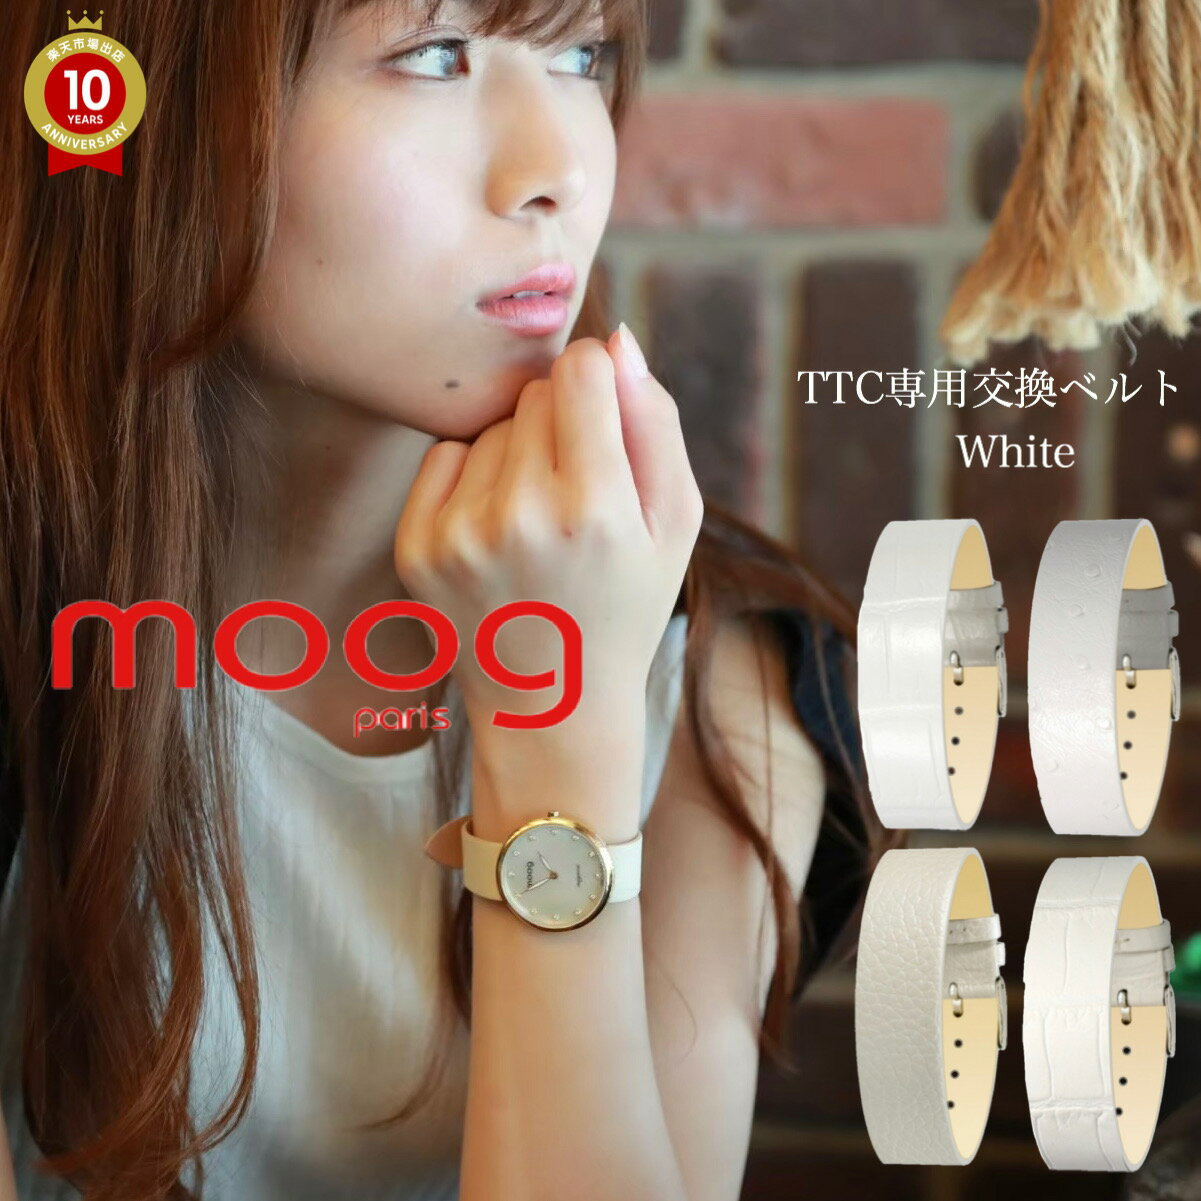 腕時計用アクセサリー, 腕時計用ベルト・バンド moog TTC